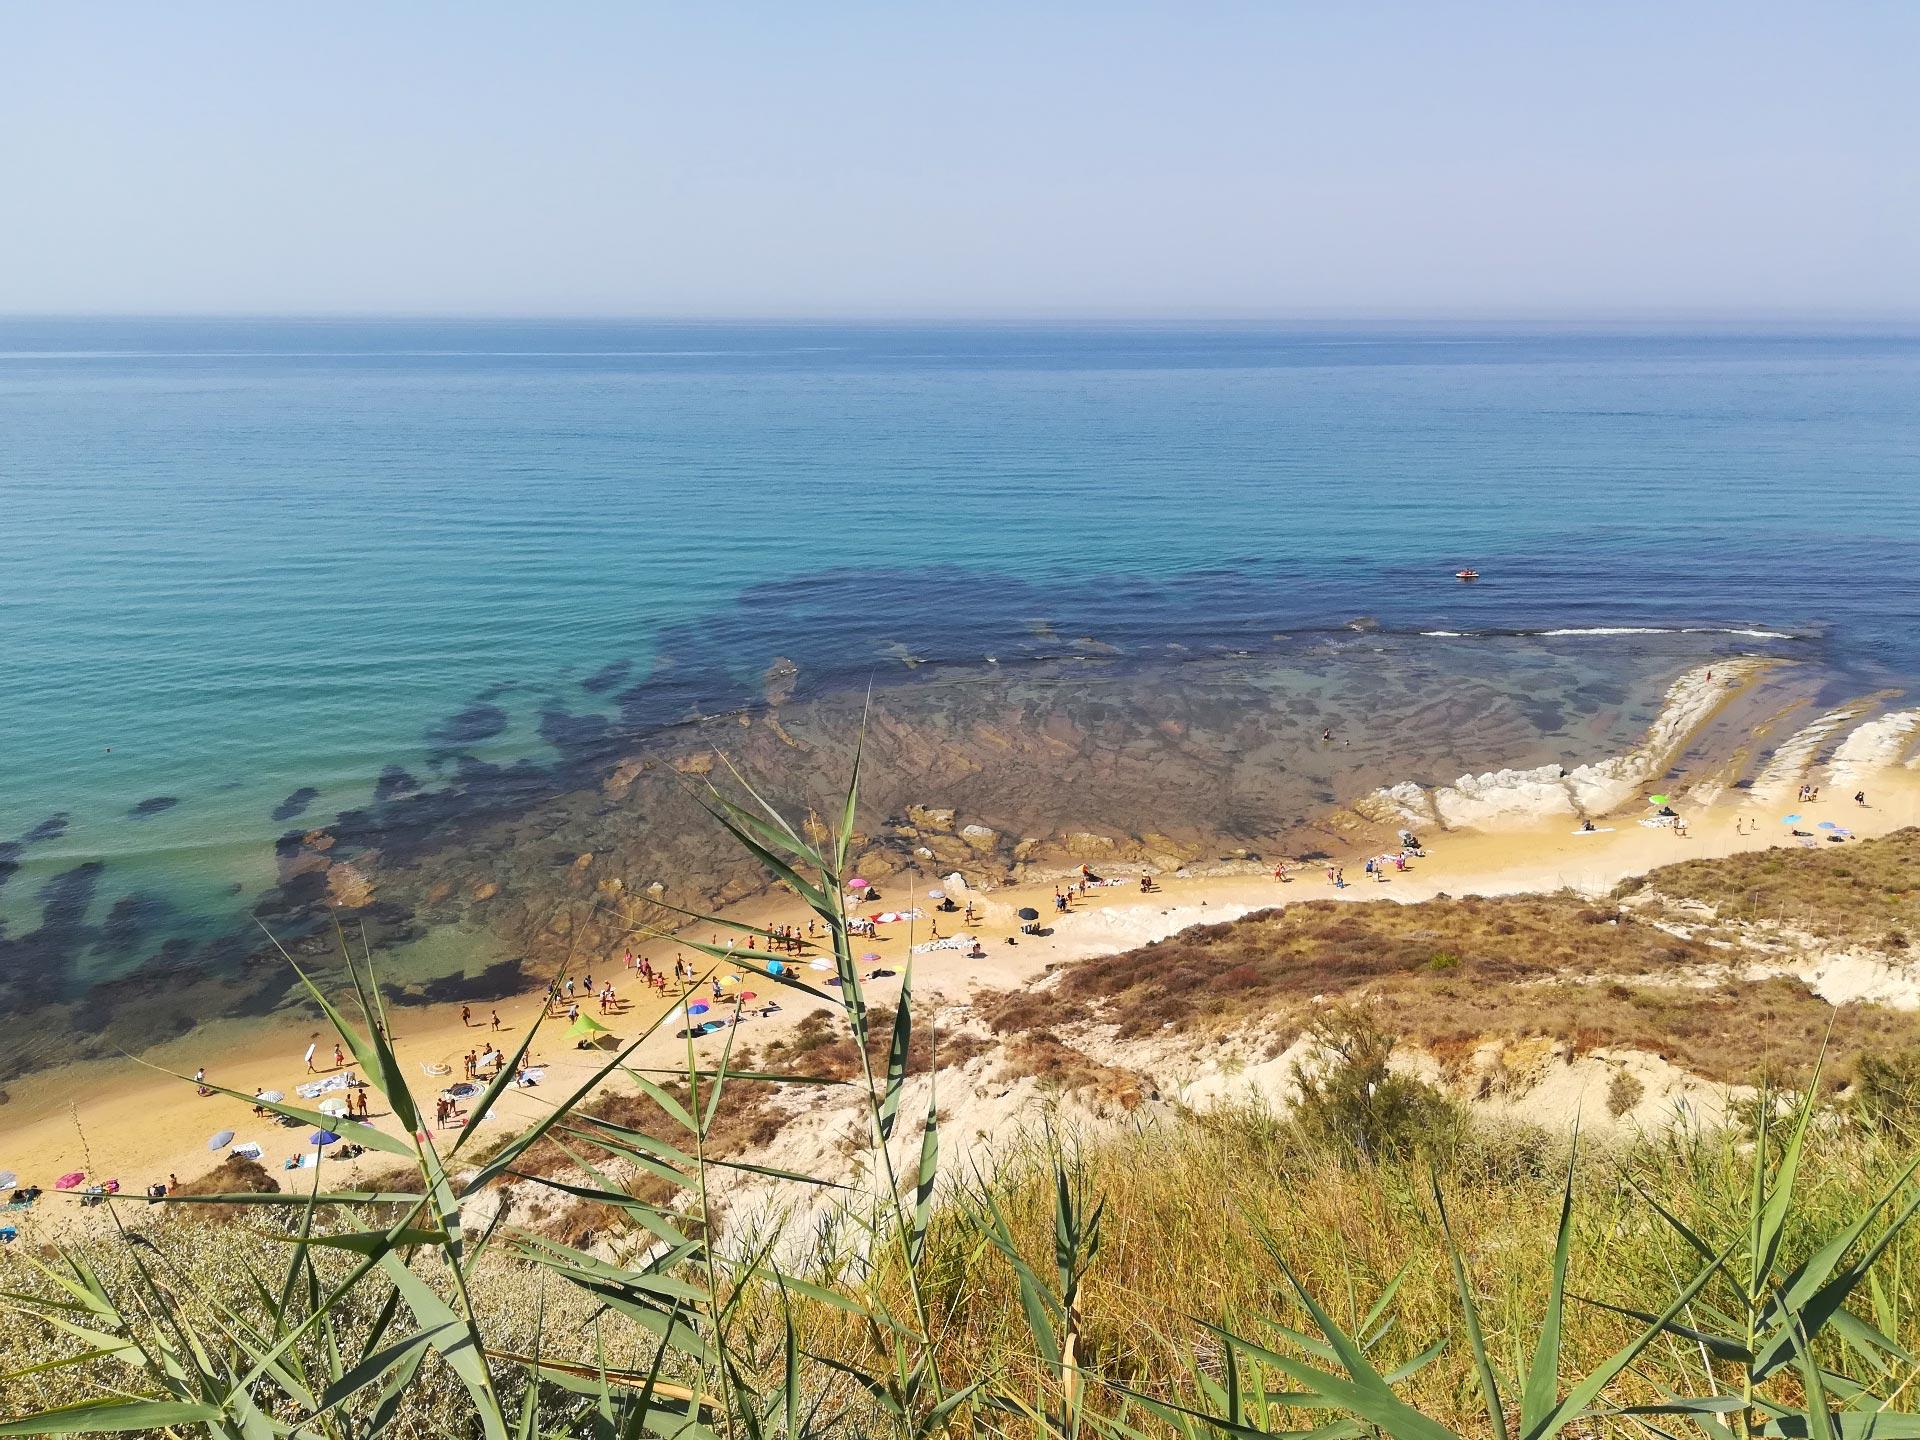 la spiaggia della Scala dei Turchi vista dall'alto, Agrigento, Sicilia